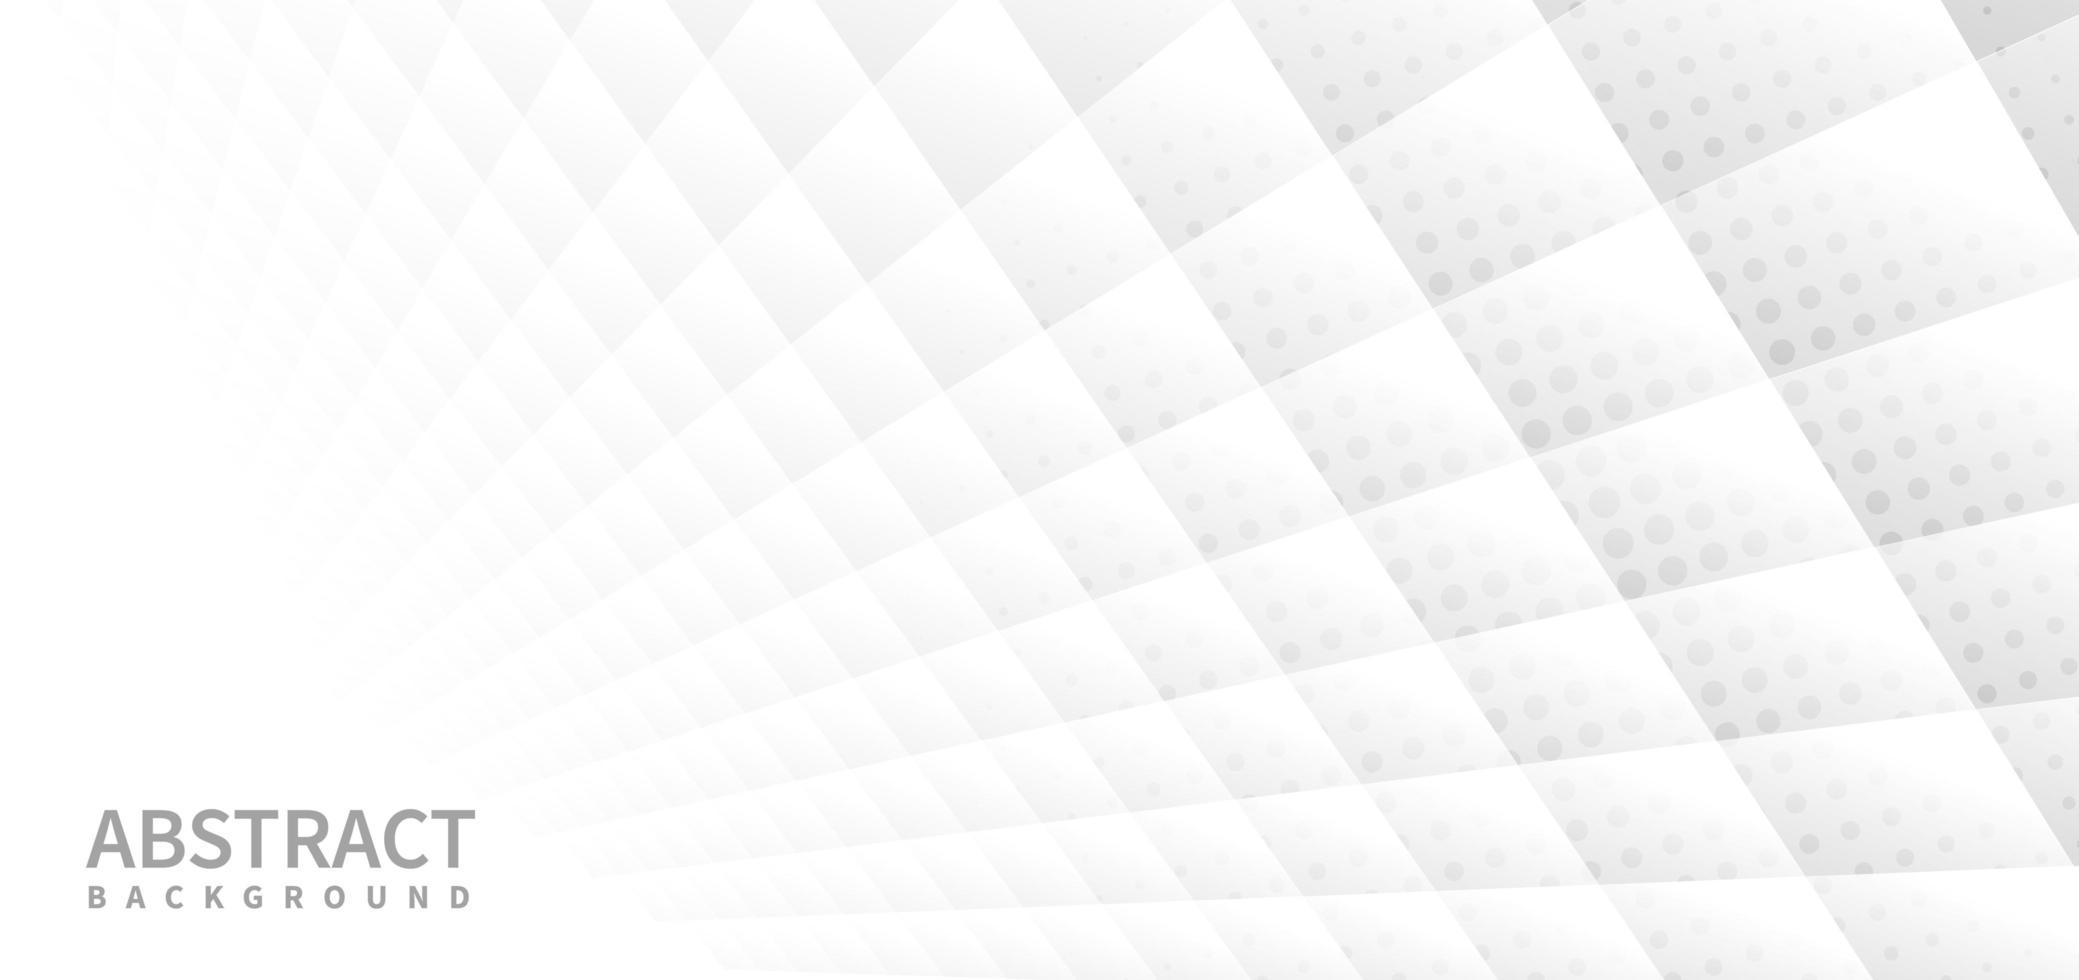 banner astratto con sfondo bianco motivo geometrico vettore